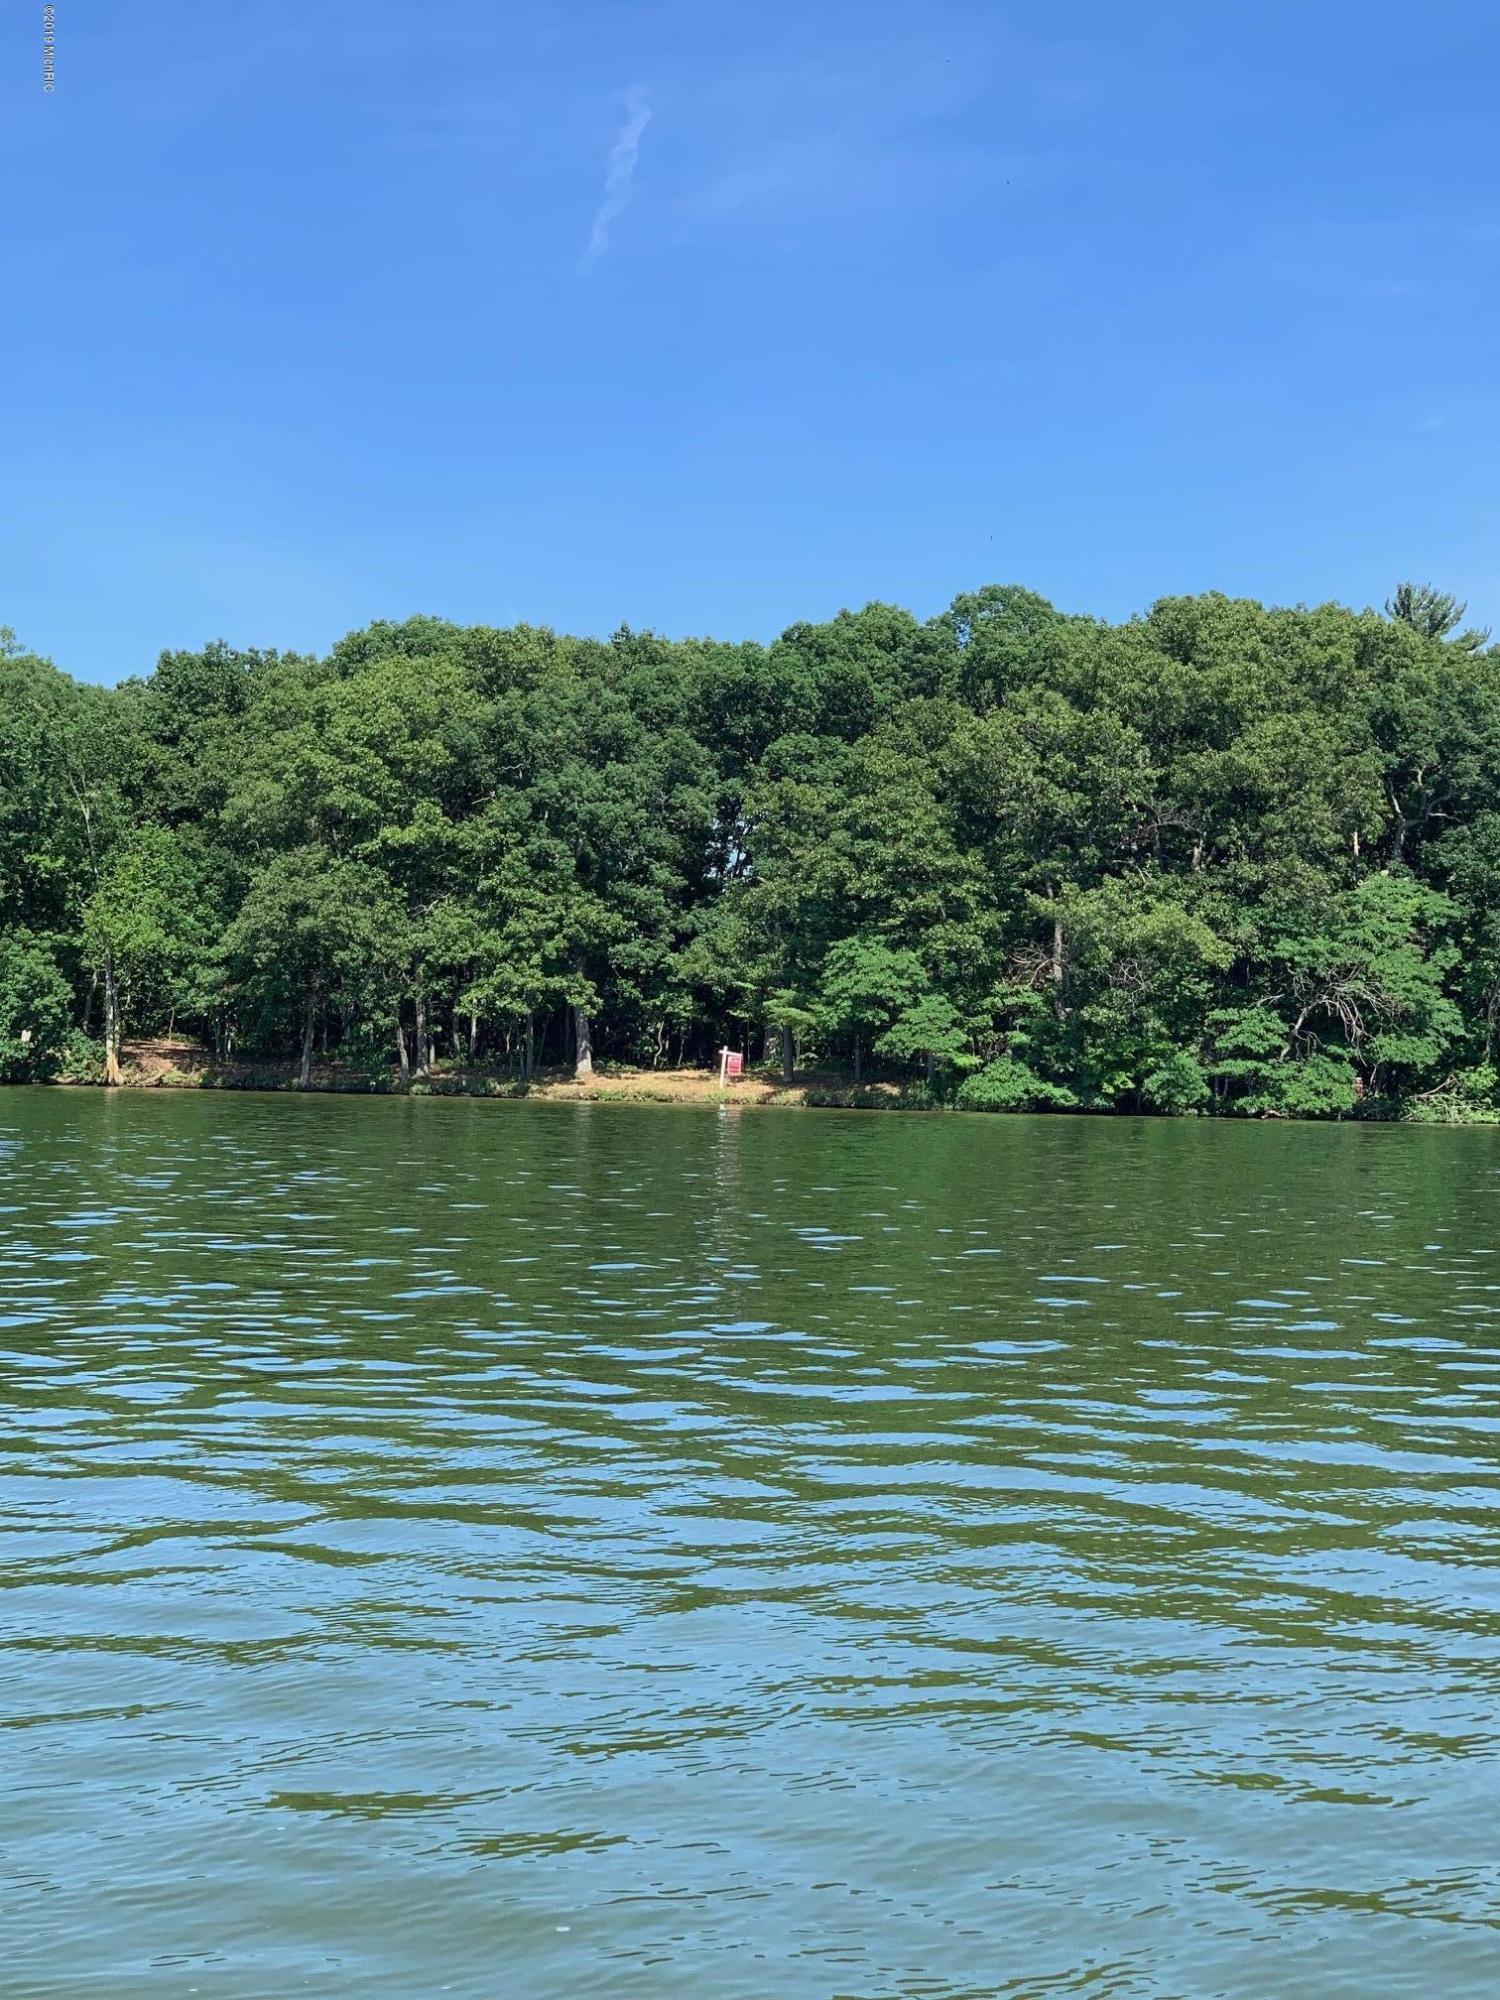 Gun Lake - 19.08.07 - 02